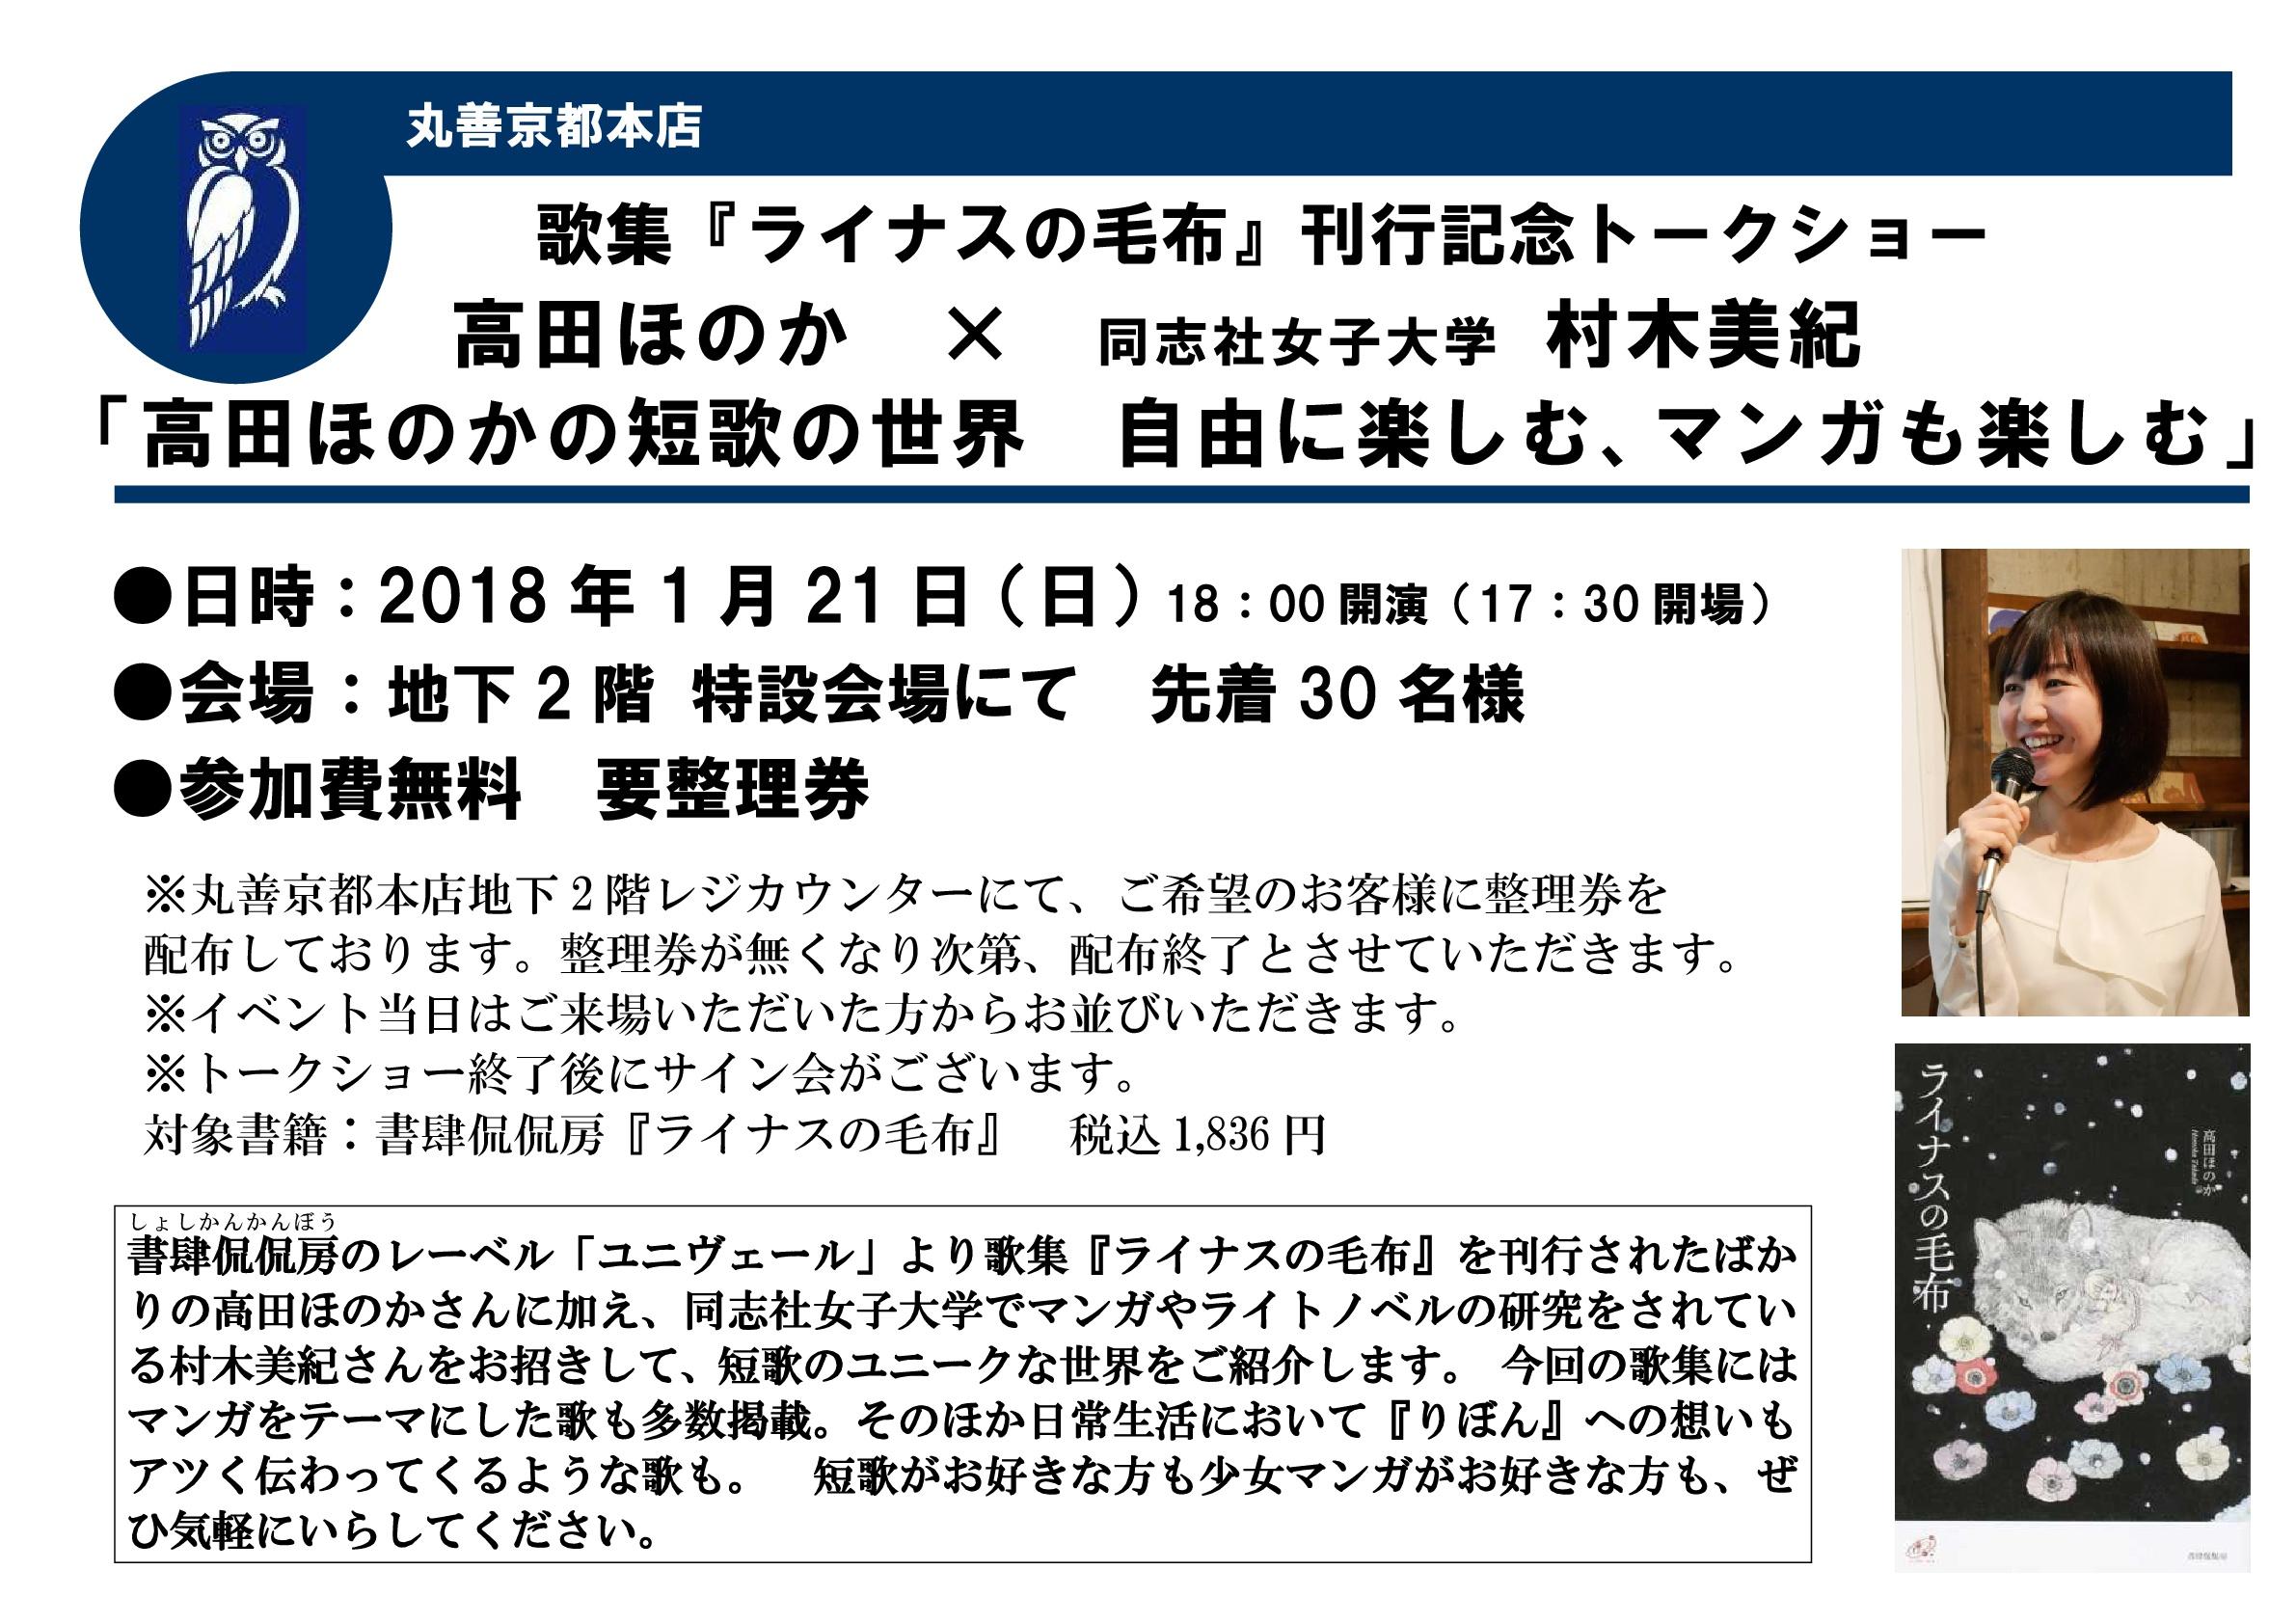 2018年1月 丸善京都本店にて、歌集『ライナスの毛布』刊行記念 高田ほのか×村木美紀「高田ほのかの短歌の世界 自由に楽しむ、マンガも楽しむ」を開催させていただきました